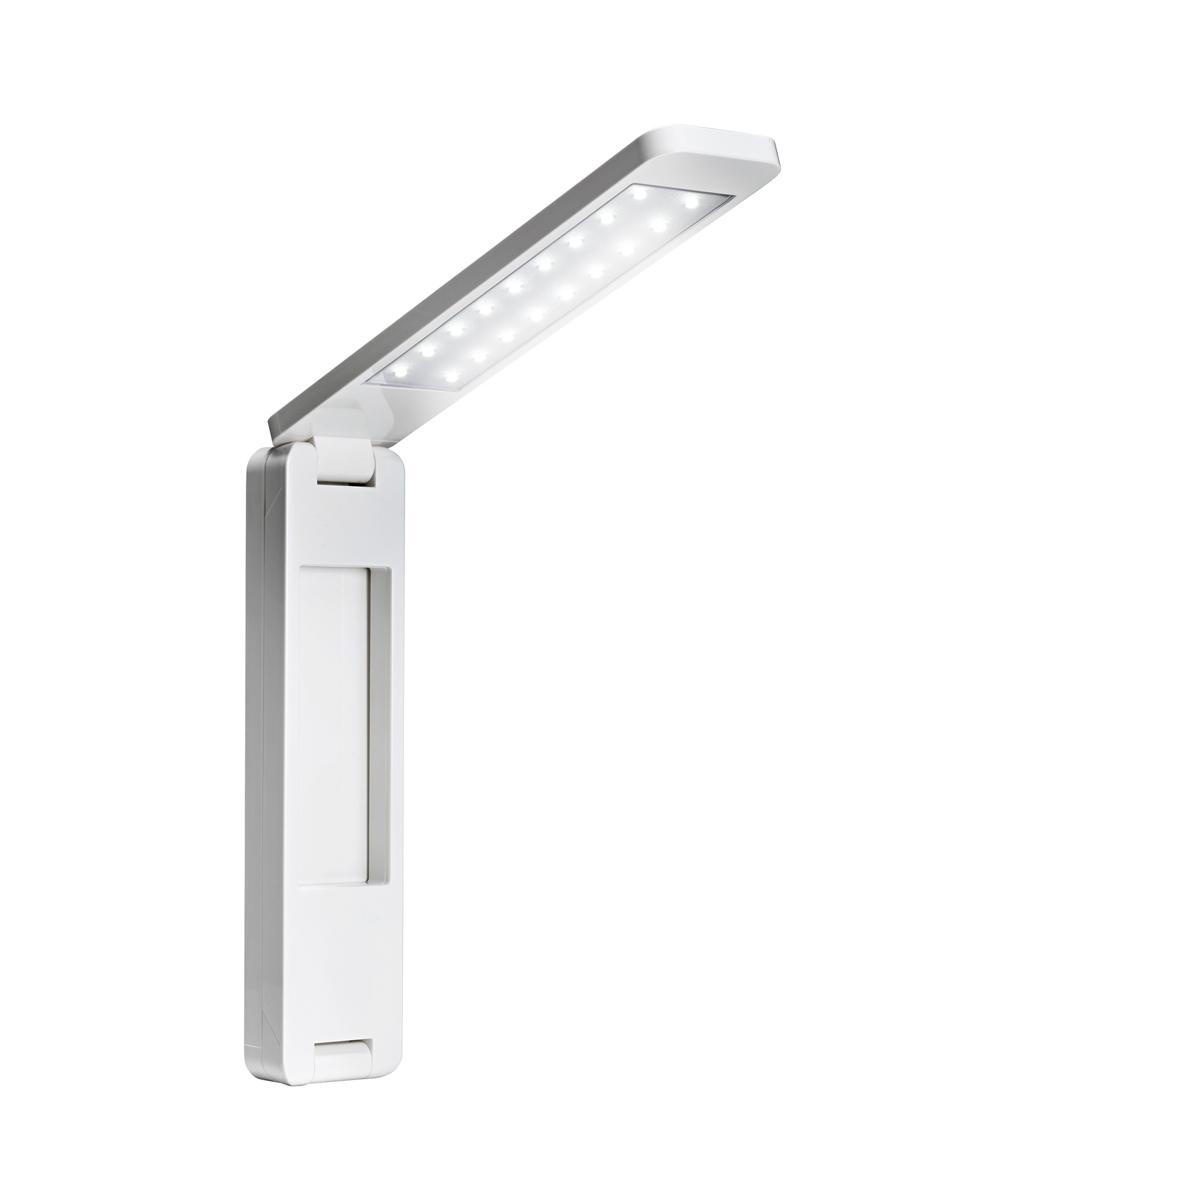 610719 Складная светодиодная лампа, Prym